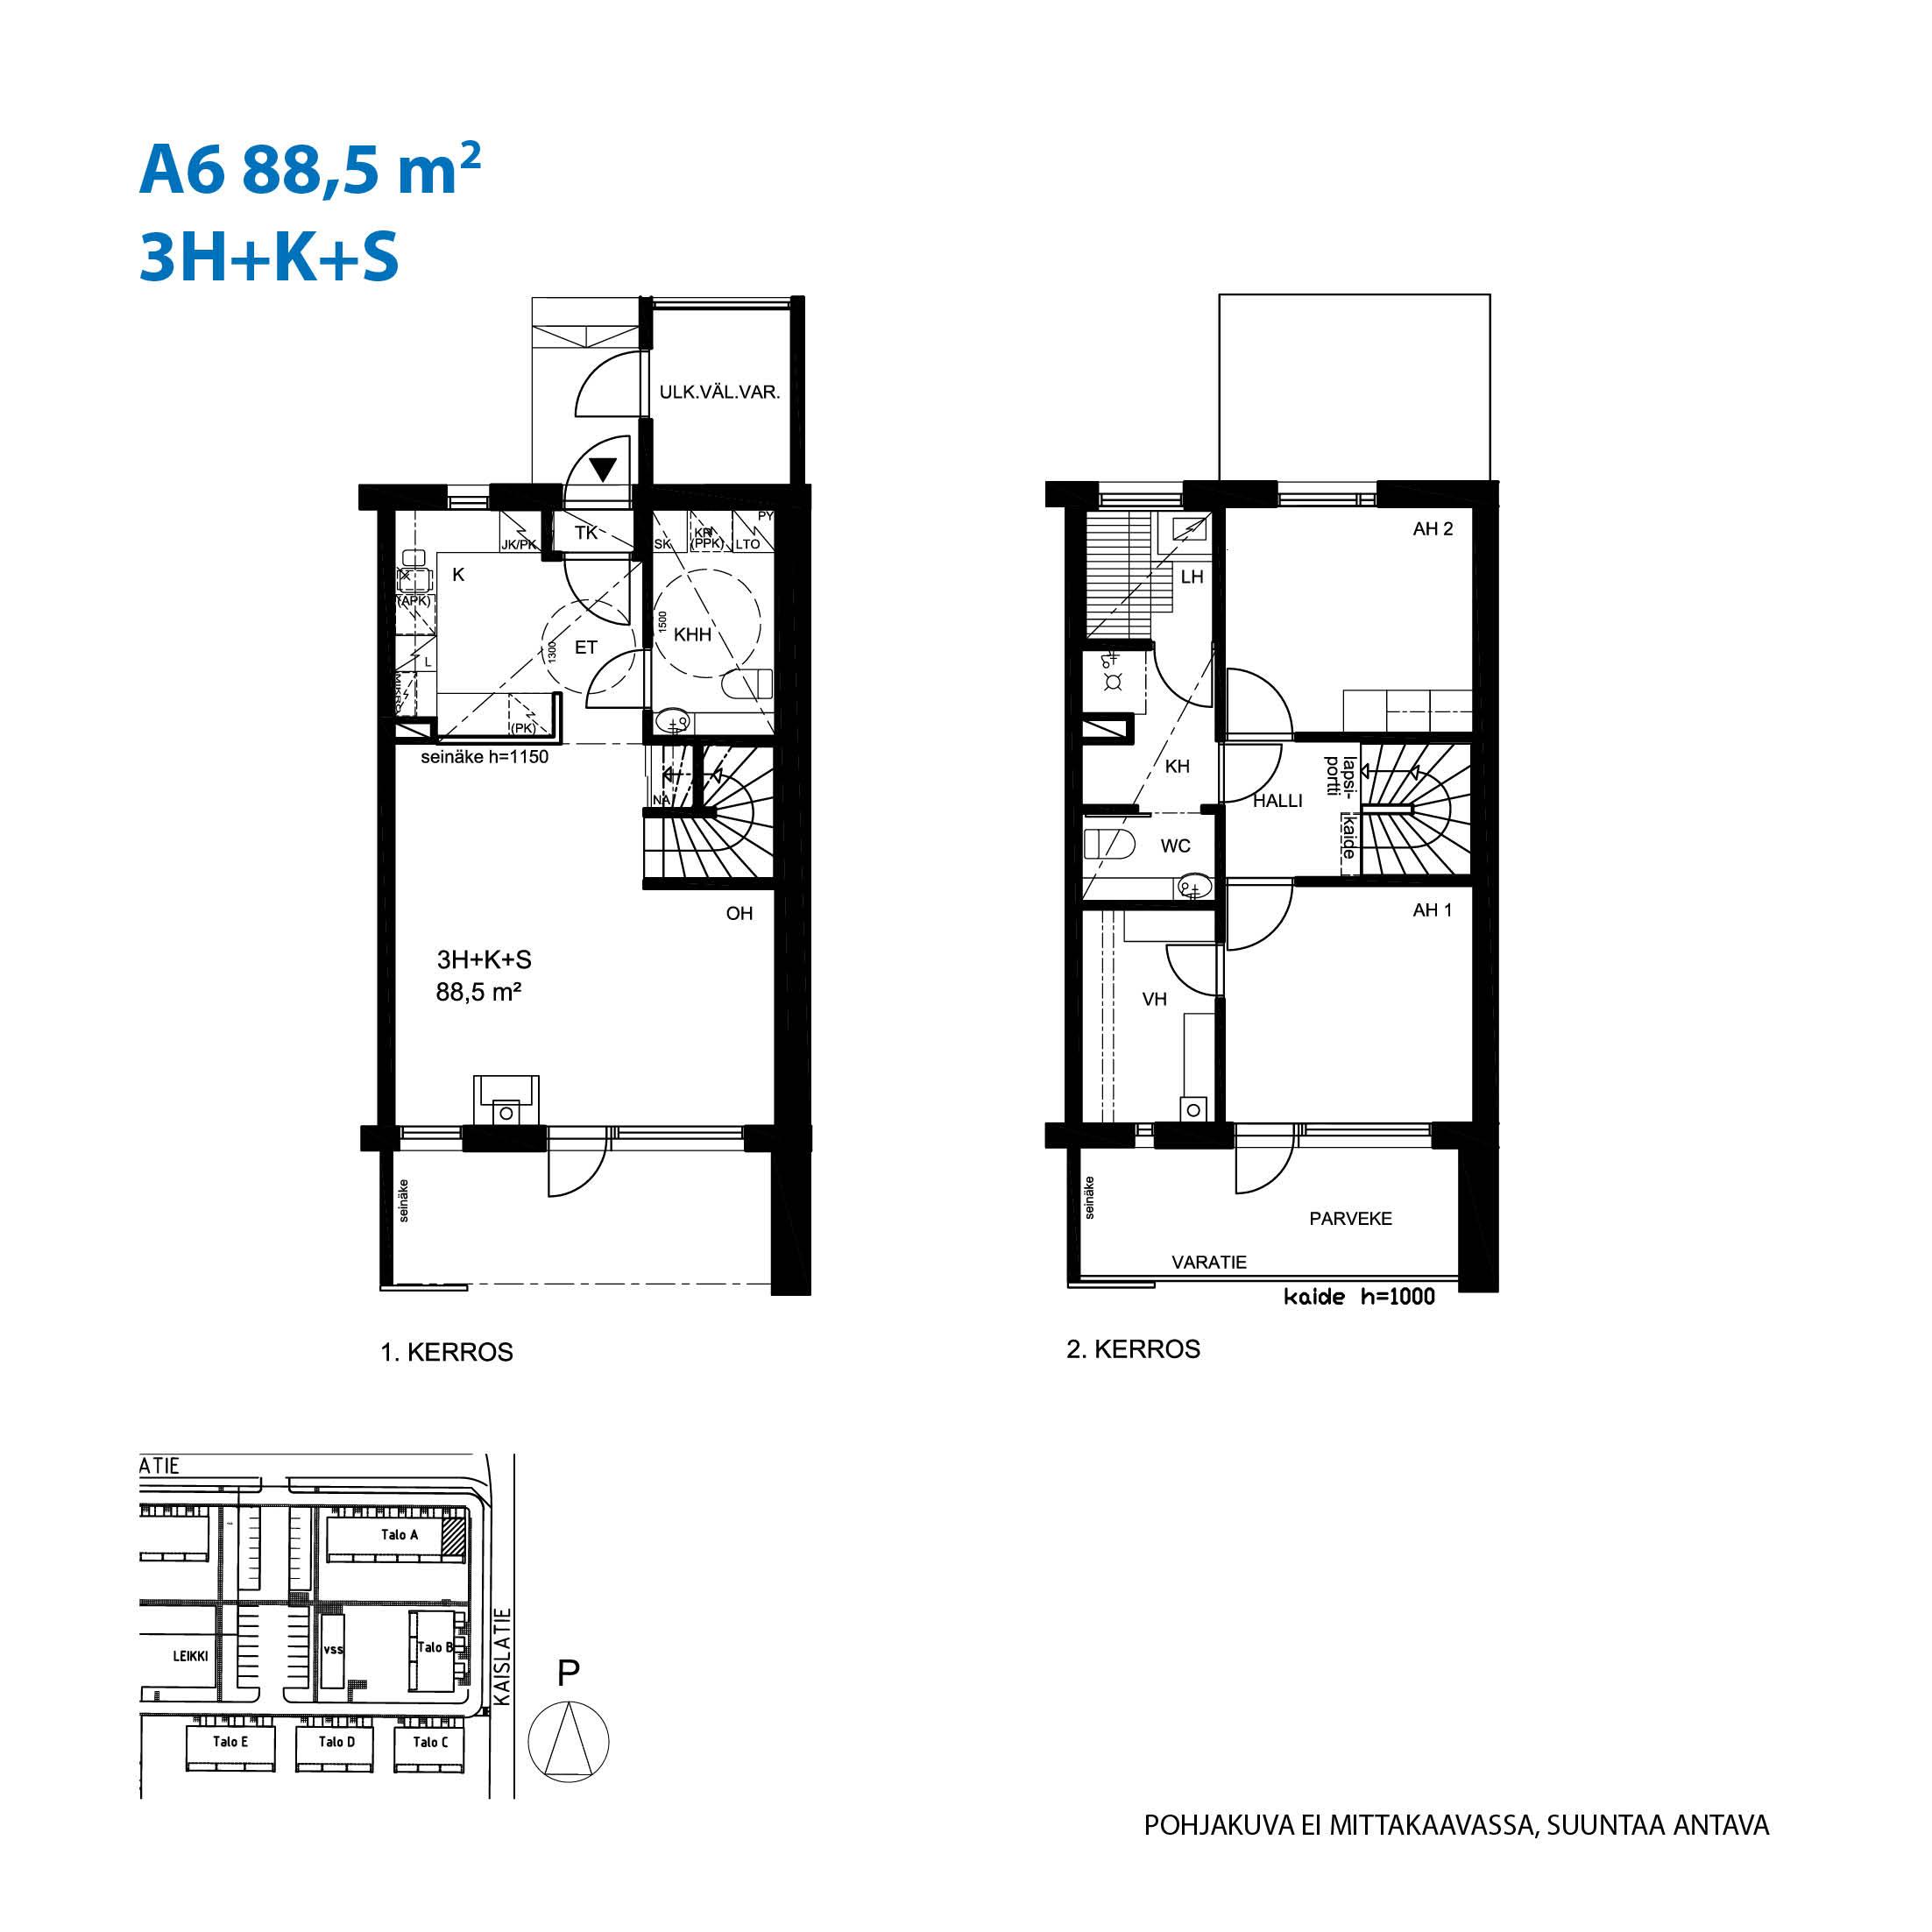 A6, 88.5 m<sup>2</sup>, 3H+K+S